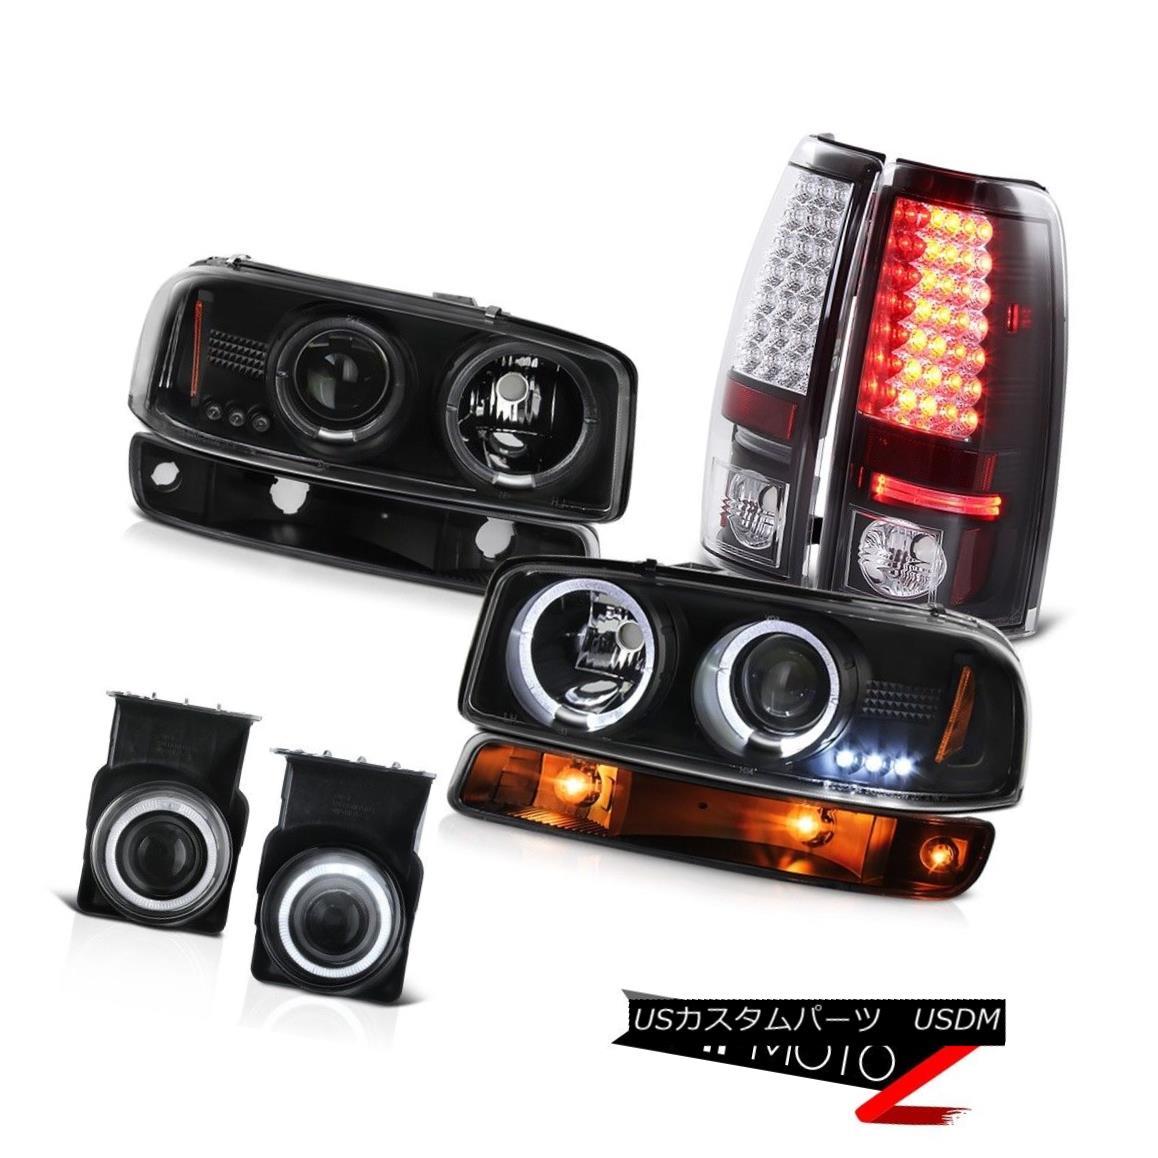 テールライト 03 04 05 06 Sierra 4.3L Euro chrome fog lamps rear brake signal light Headlights 03 04 05 06シエラ4.3Lユーロクロームフォグランプリアブレーキシグナルライトヘッドライト